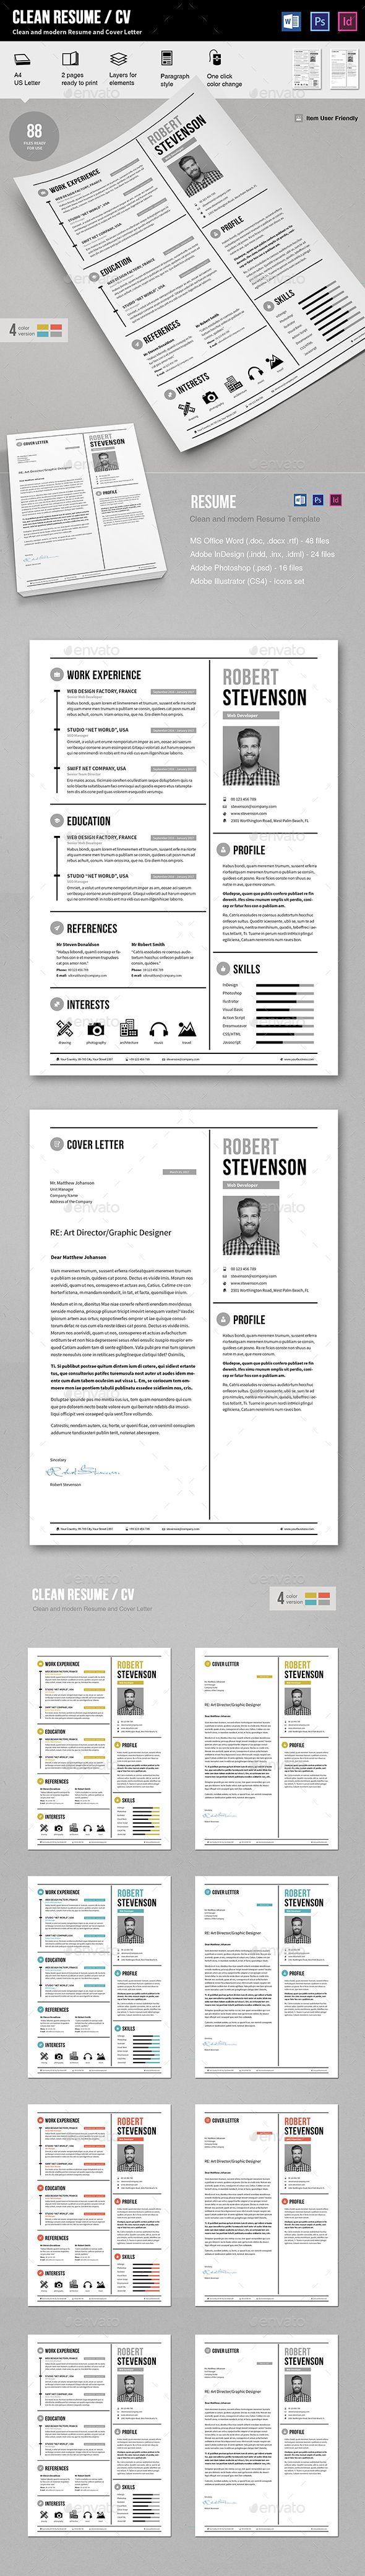 186 besten CV- Βιογραφικό- резюме Bilder auf Pinterest ...